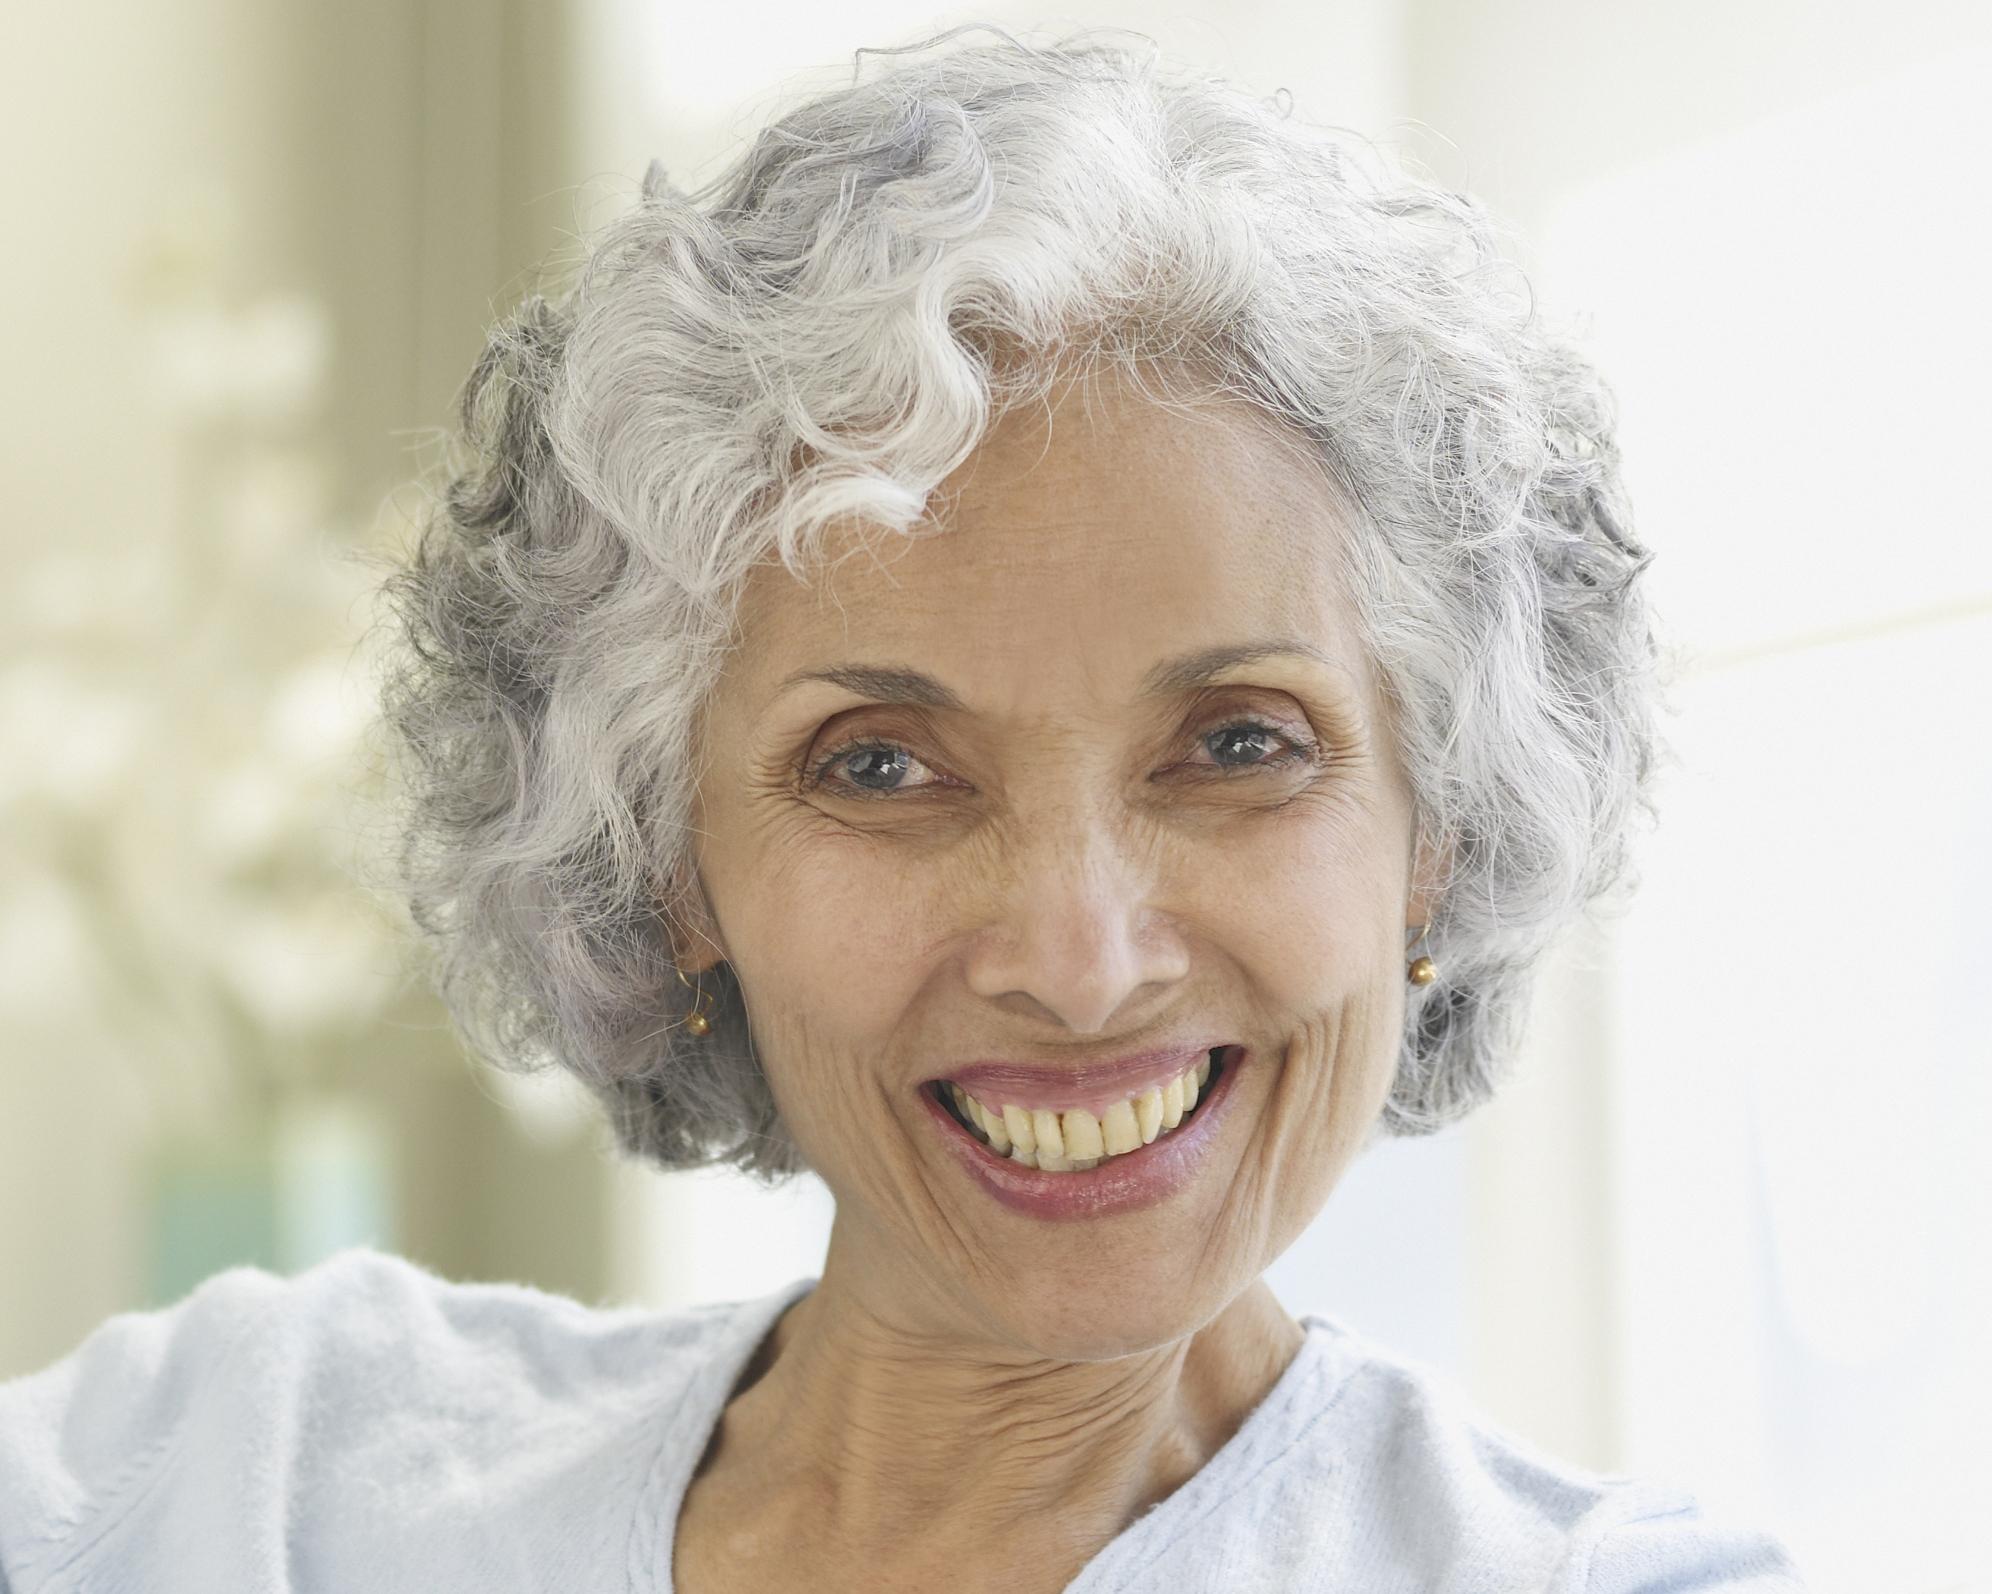 Una-mujer-con-pelo-gris-y-rizos.jpg